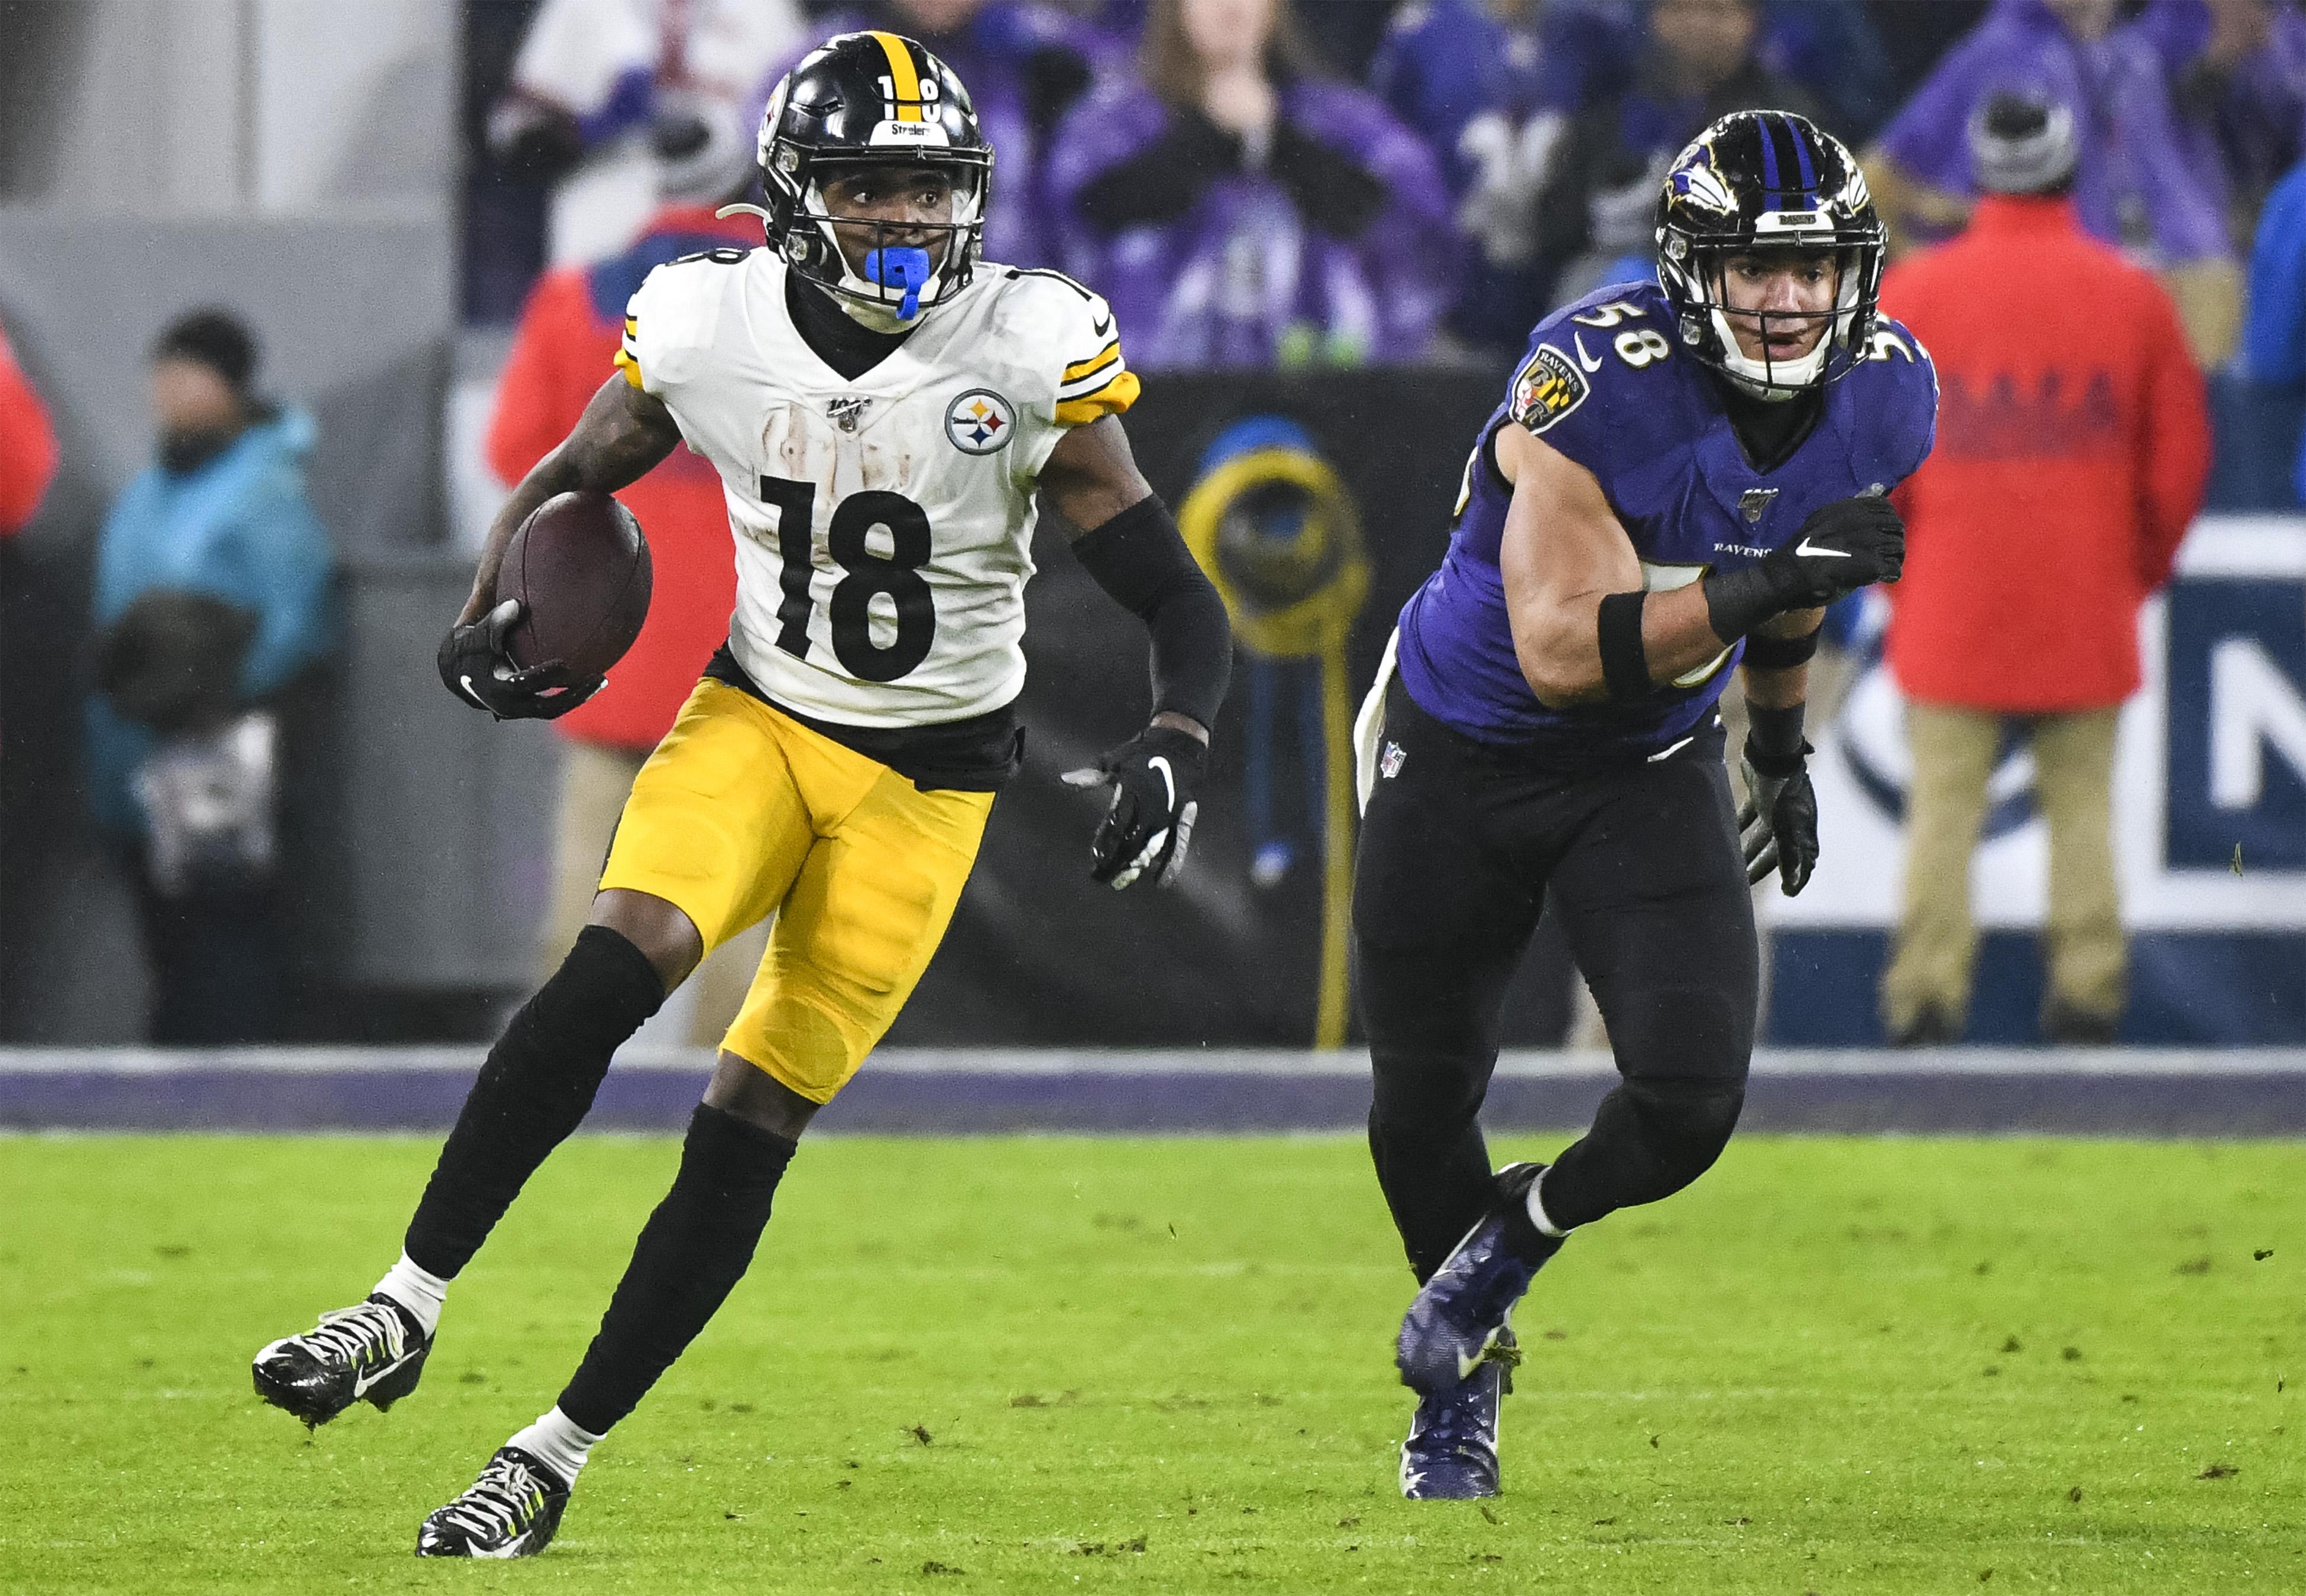 NFL: DEC 29 Steelers at Ravens